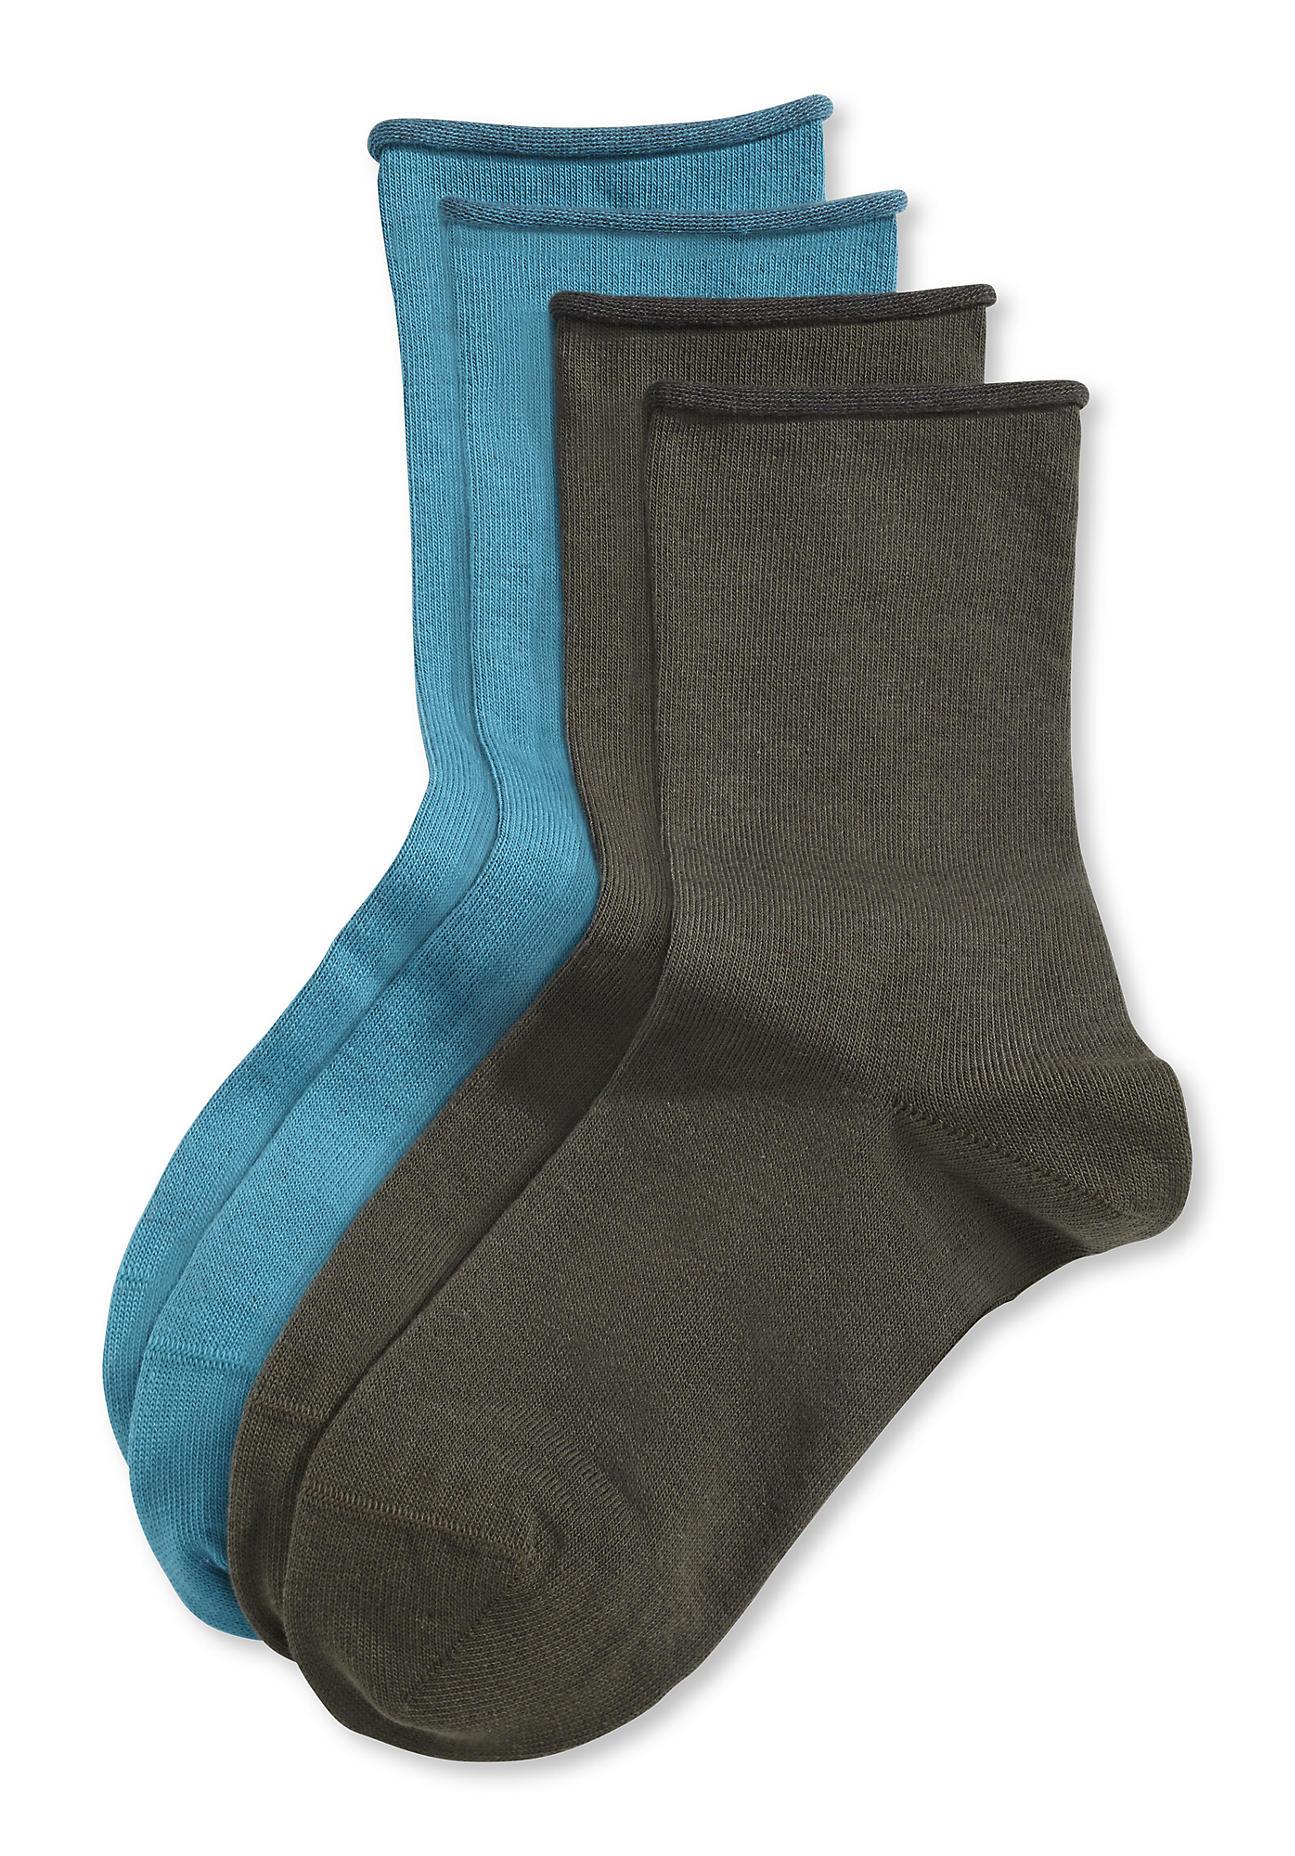 hessnatur Damen Socke im 2er Pack aus Bio Baumwolle – grün – Größe 38 39